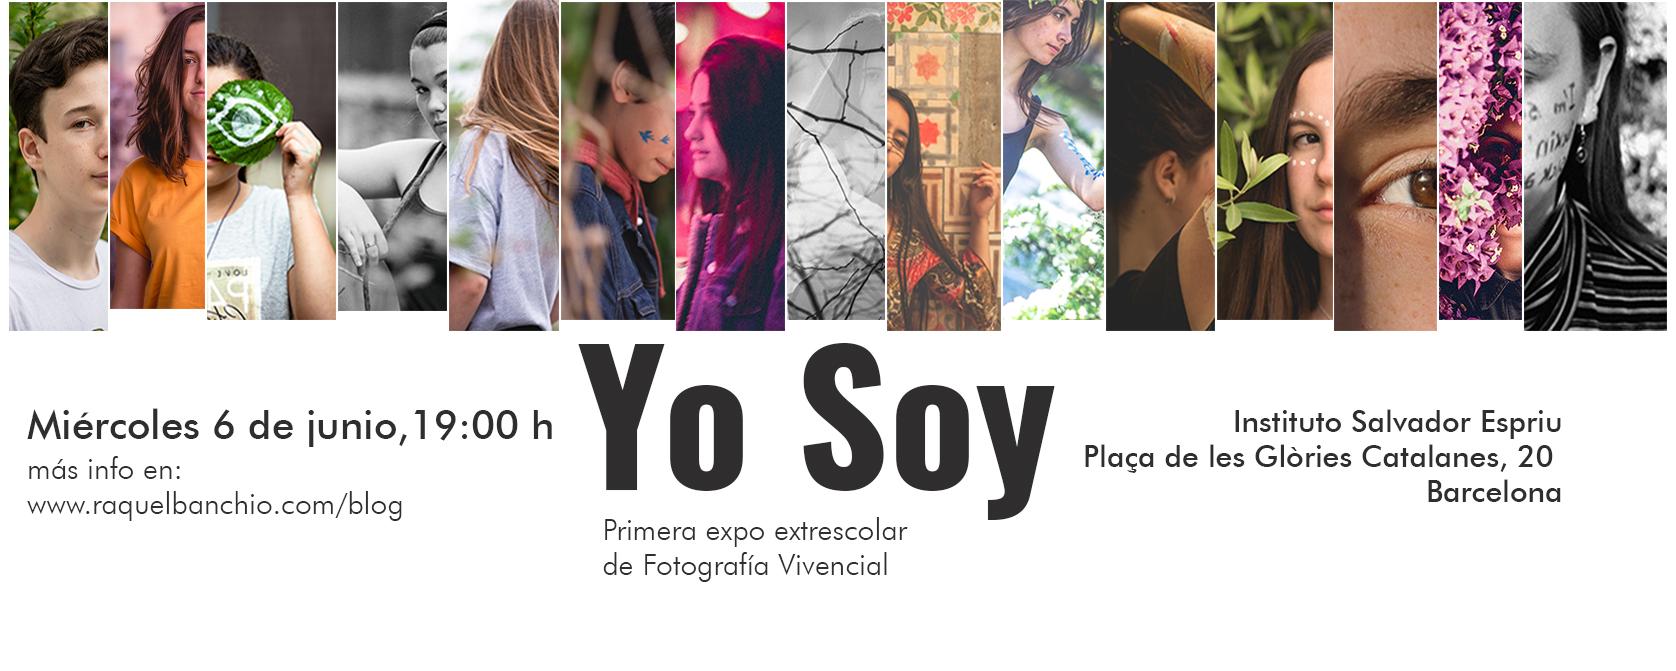 Yo Soy, primera expo colectiva de Fotografía Vivencial